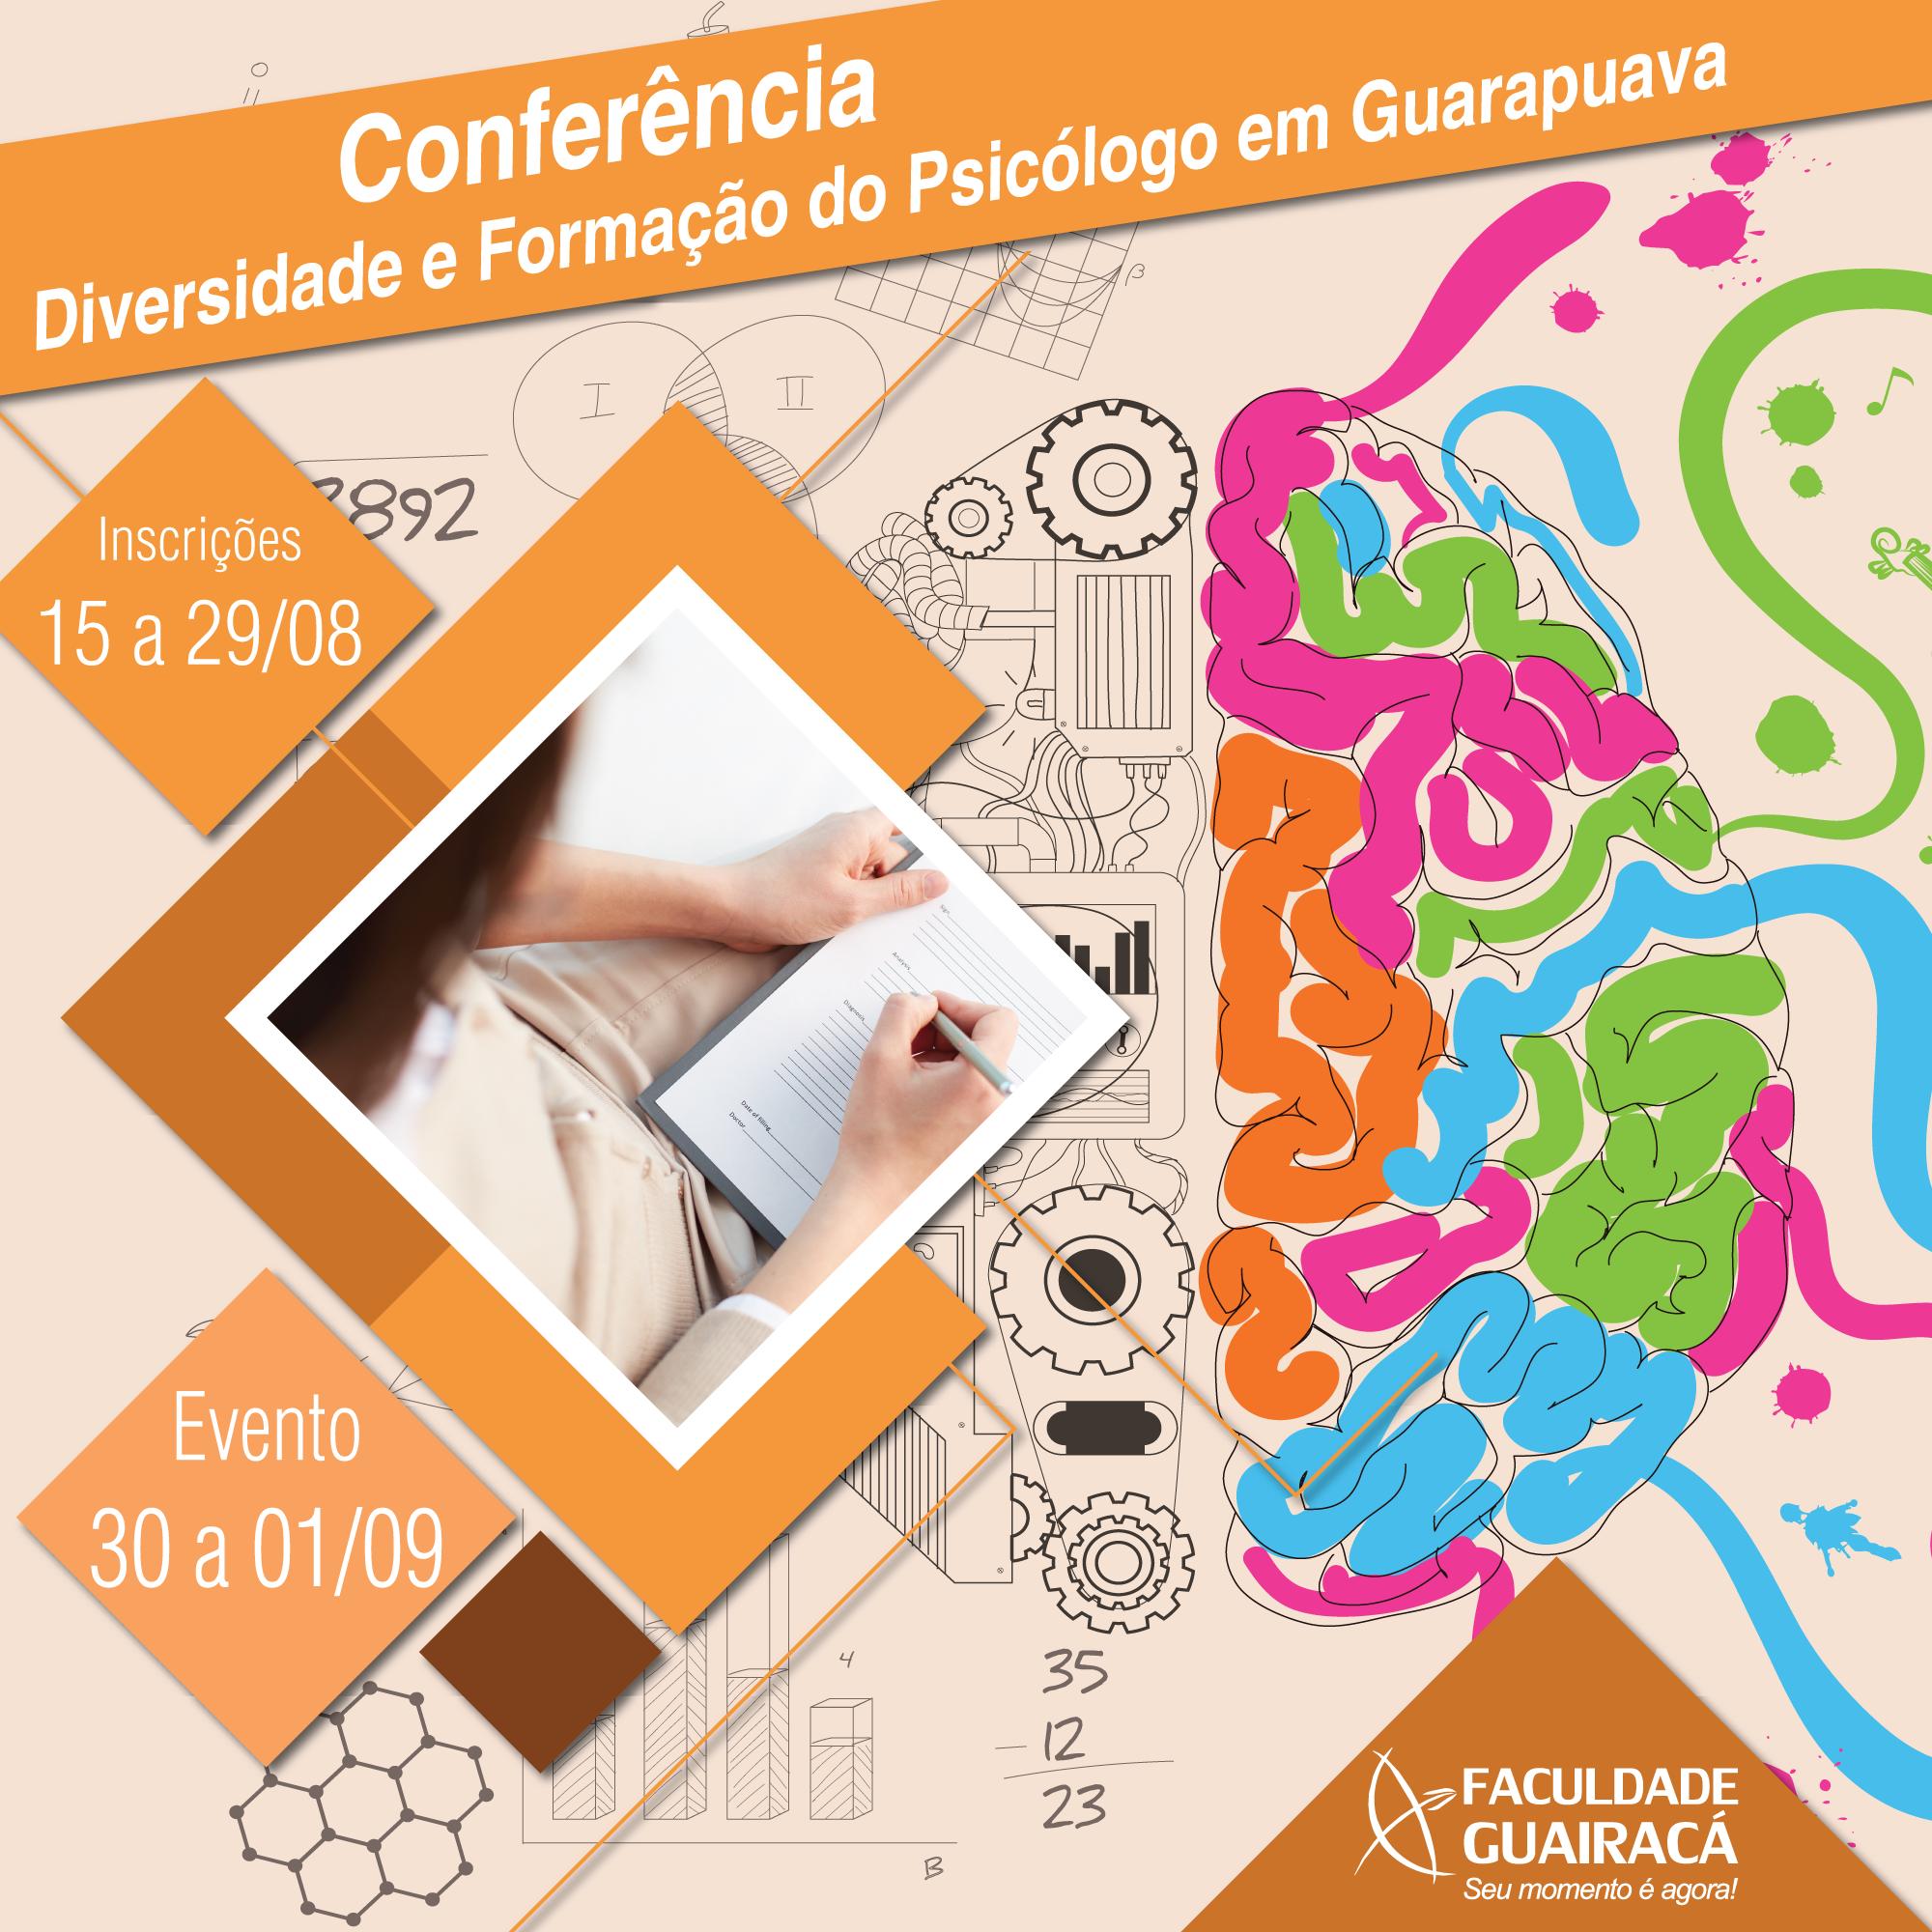 Conferencia-Diversidade-e-Formacao-do-Psicologo-em-Guarapuava